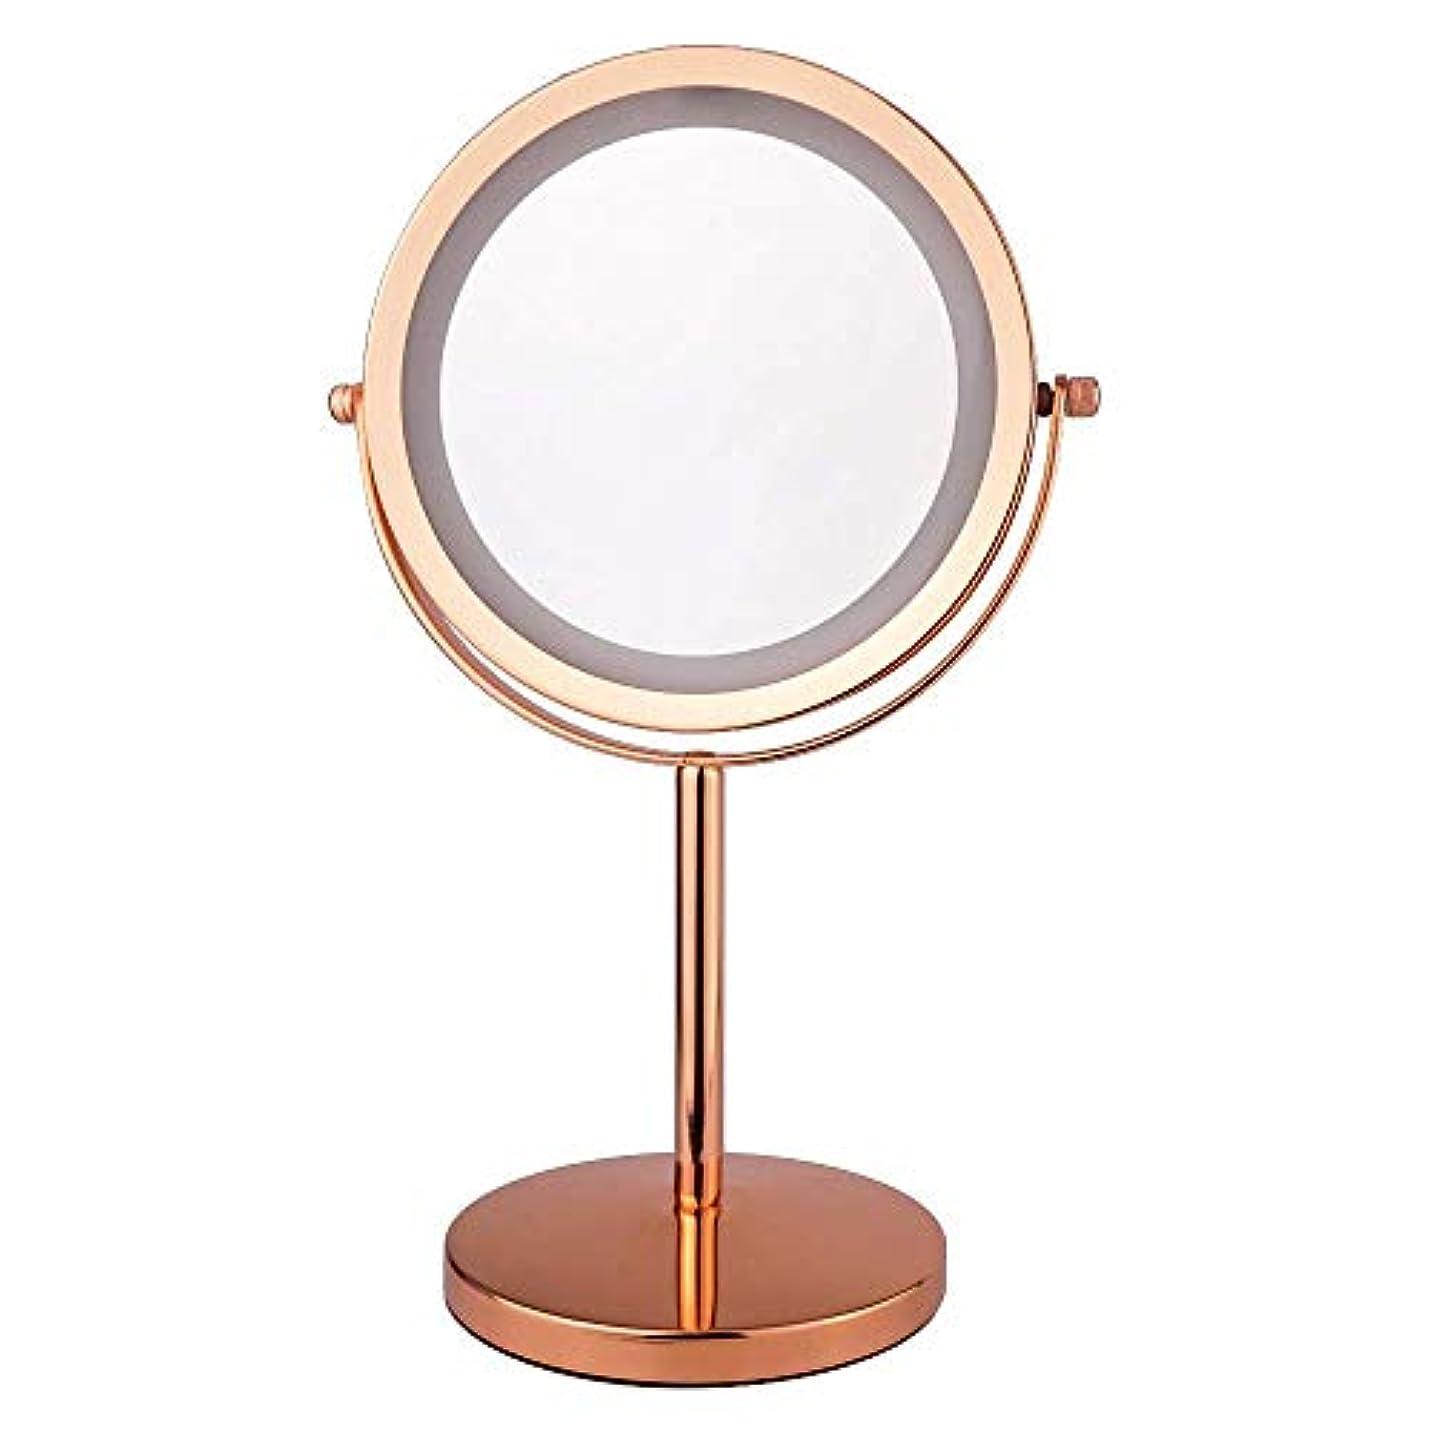 リークゆるい長さ化粧鏡 5倍 拡大鏡 付き led ミラー LED 両面 鏡 卓上 スタンドミラー メイク 360度回転スタンドミラー